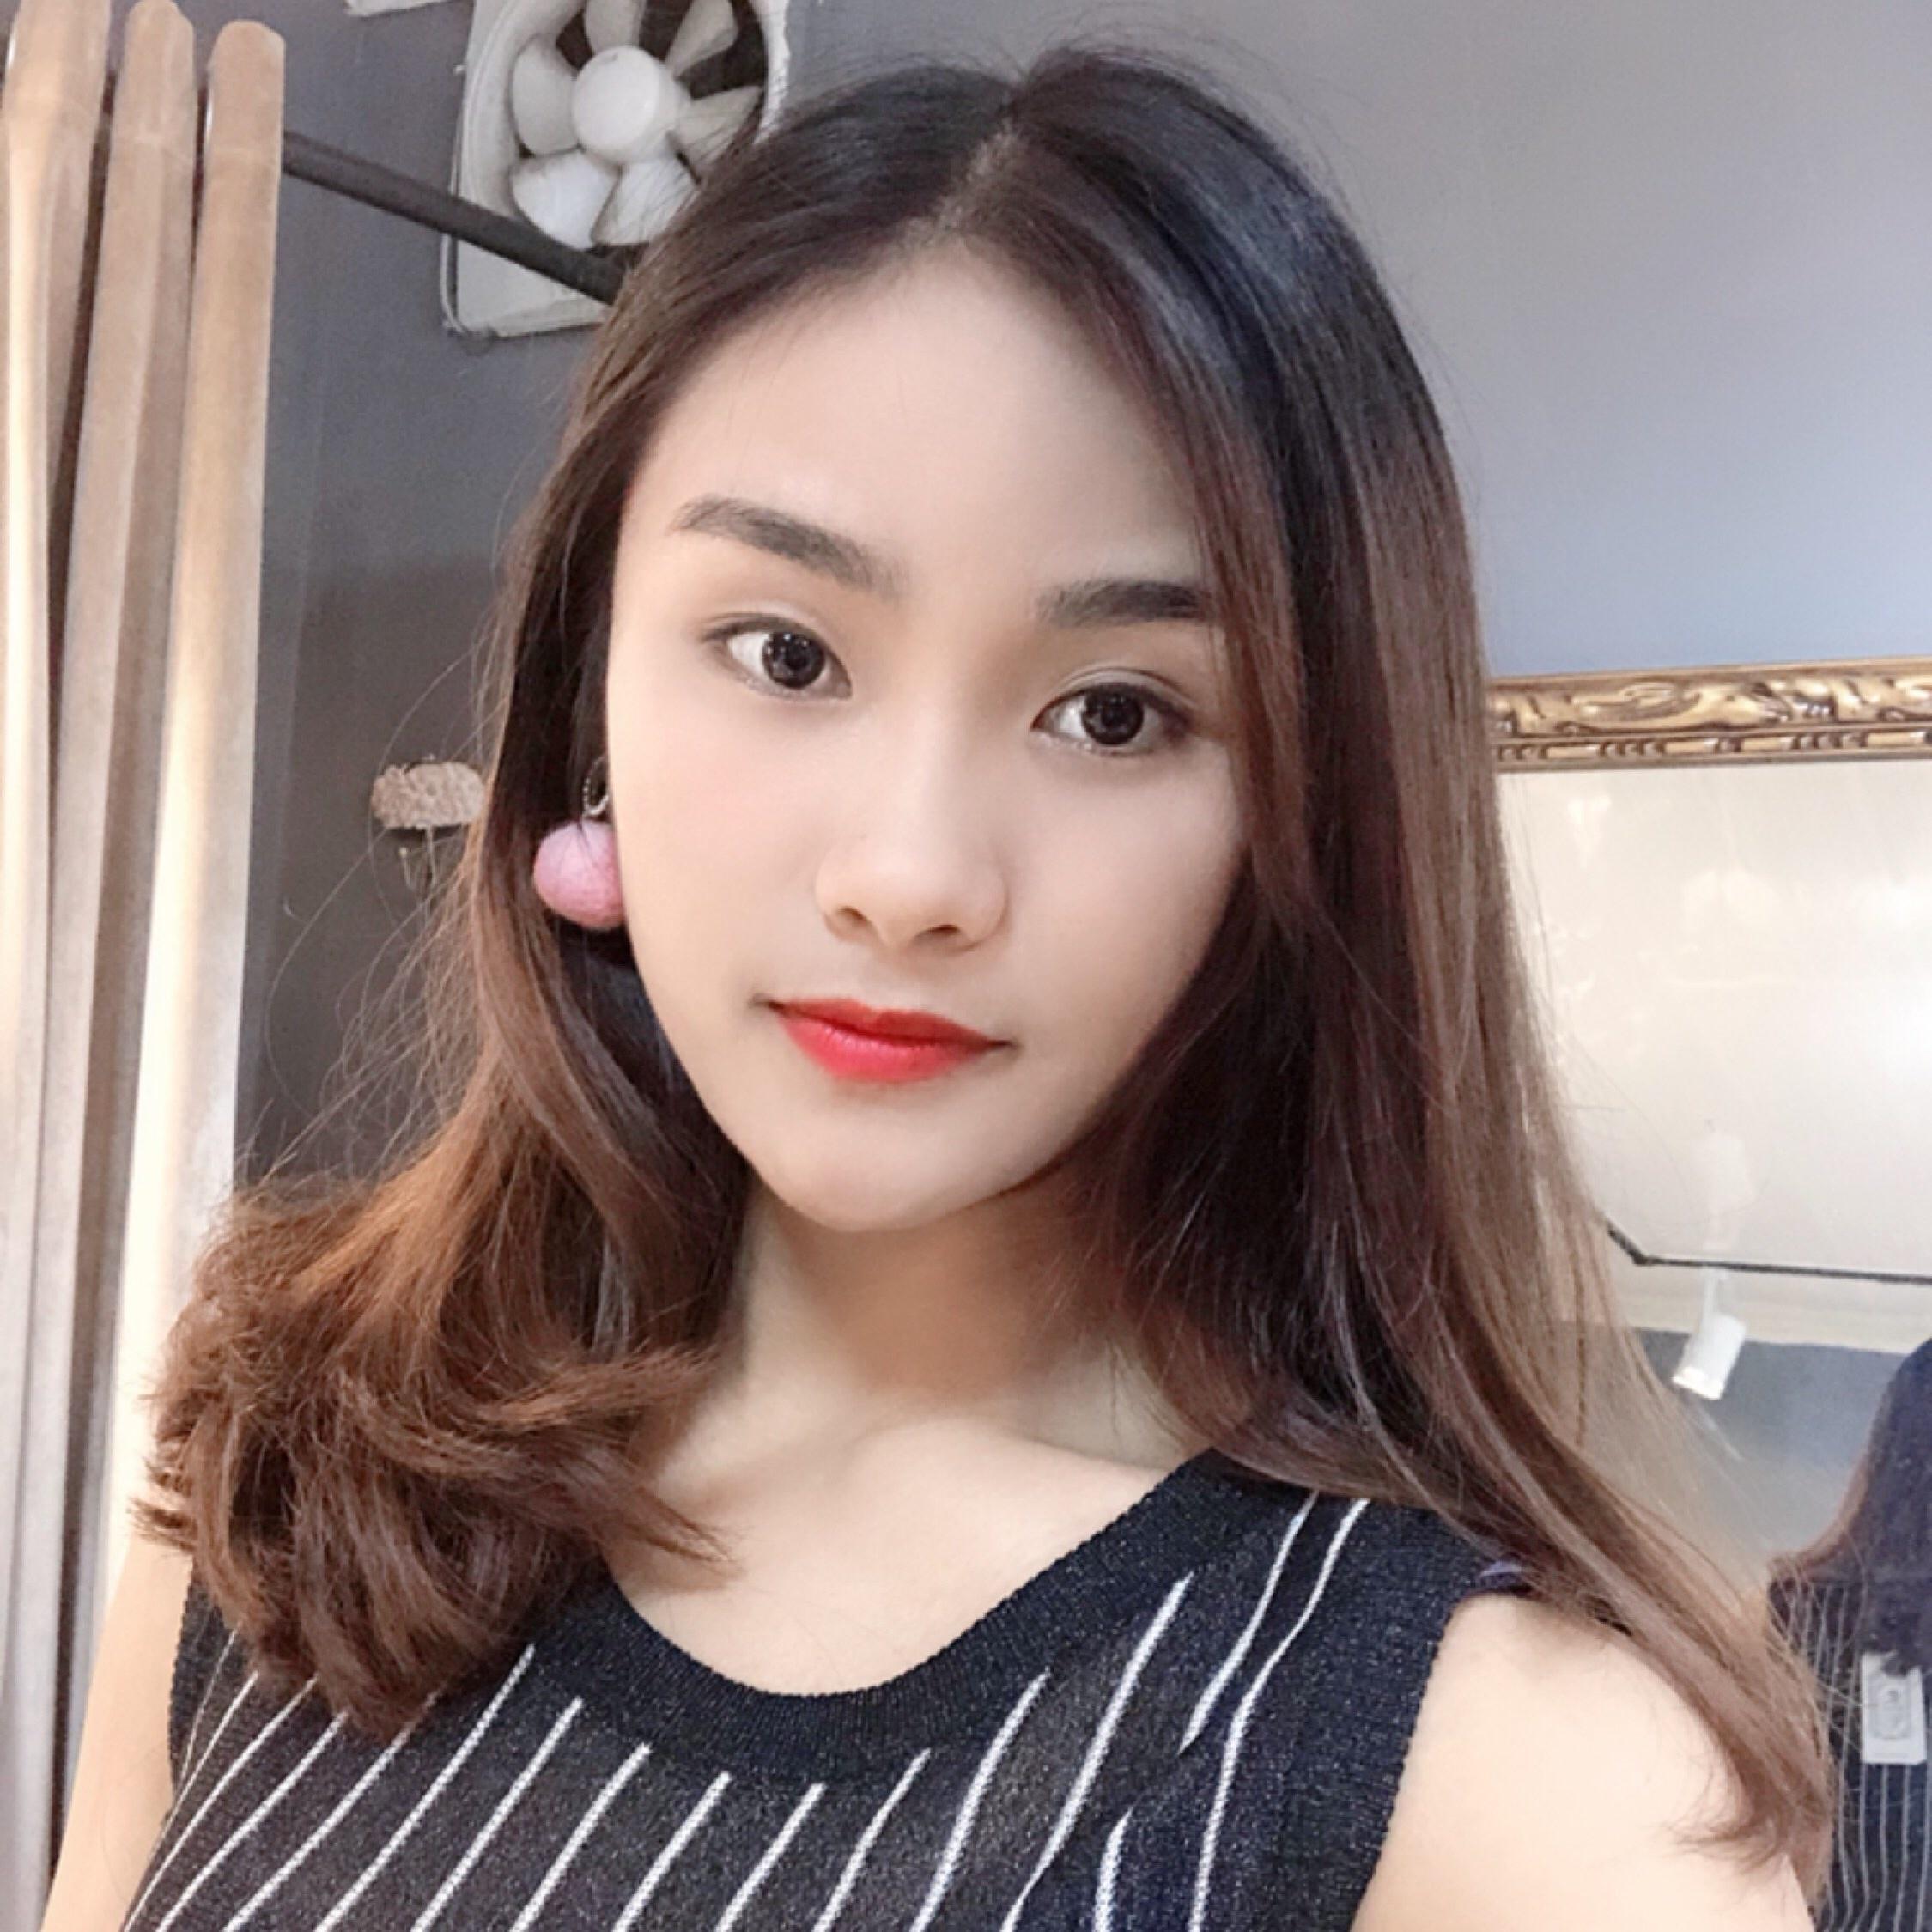 MissWen